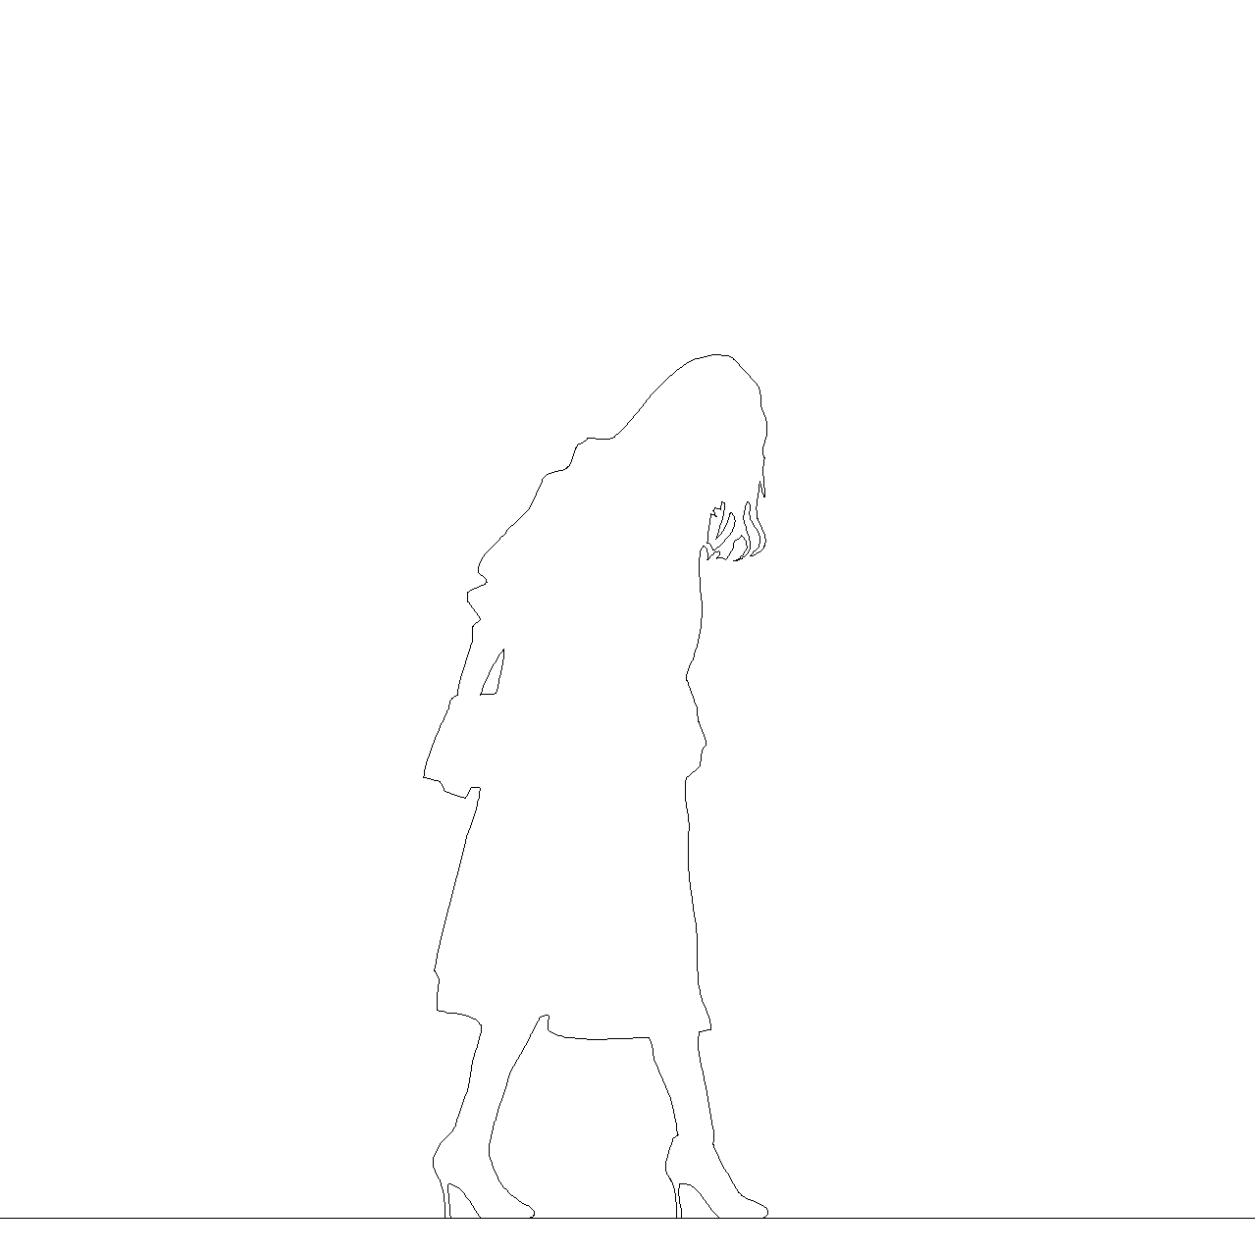 ロングコートを着た女性の2DCAD部品丨シルエット 人間 女性丨無料 商用可能 フリー素材 フリーデータ AUTOCAD DWG DXF